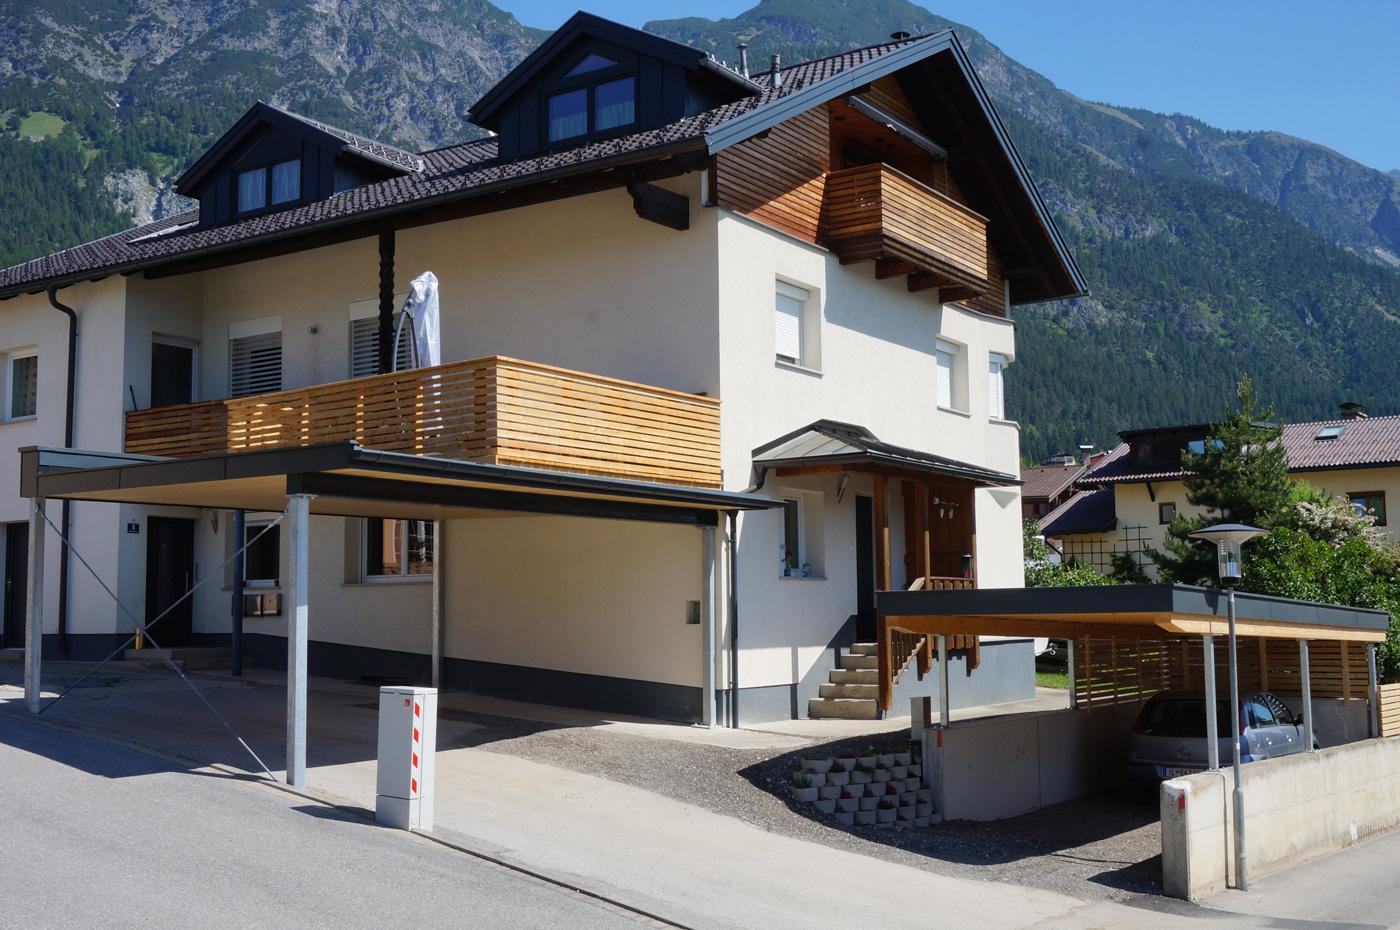 carports-9-2019-mit-integrierter-begehbarer-terrasse-holzbau-zimmerei-norz-thaur-4.jpg